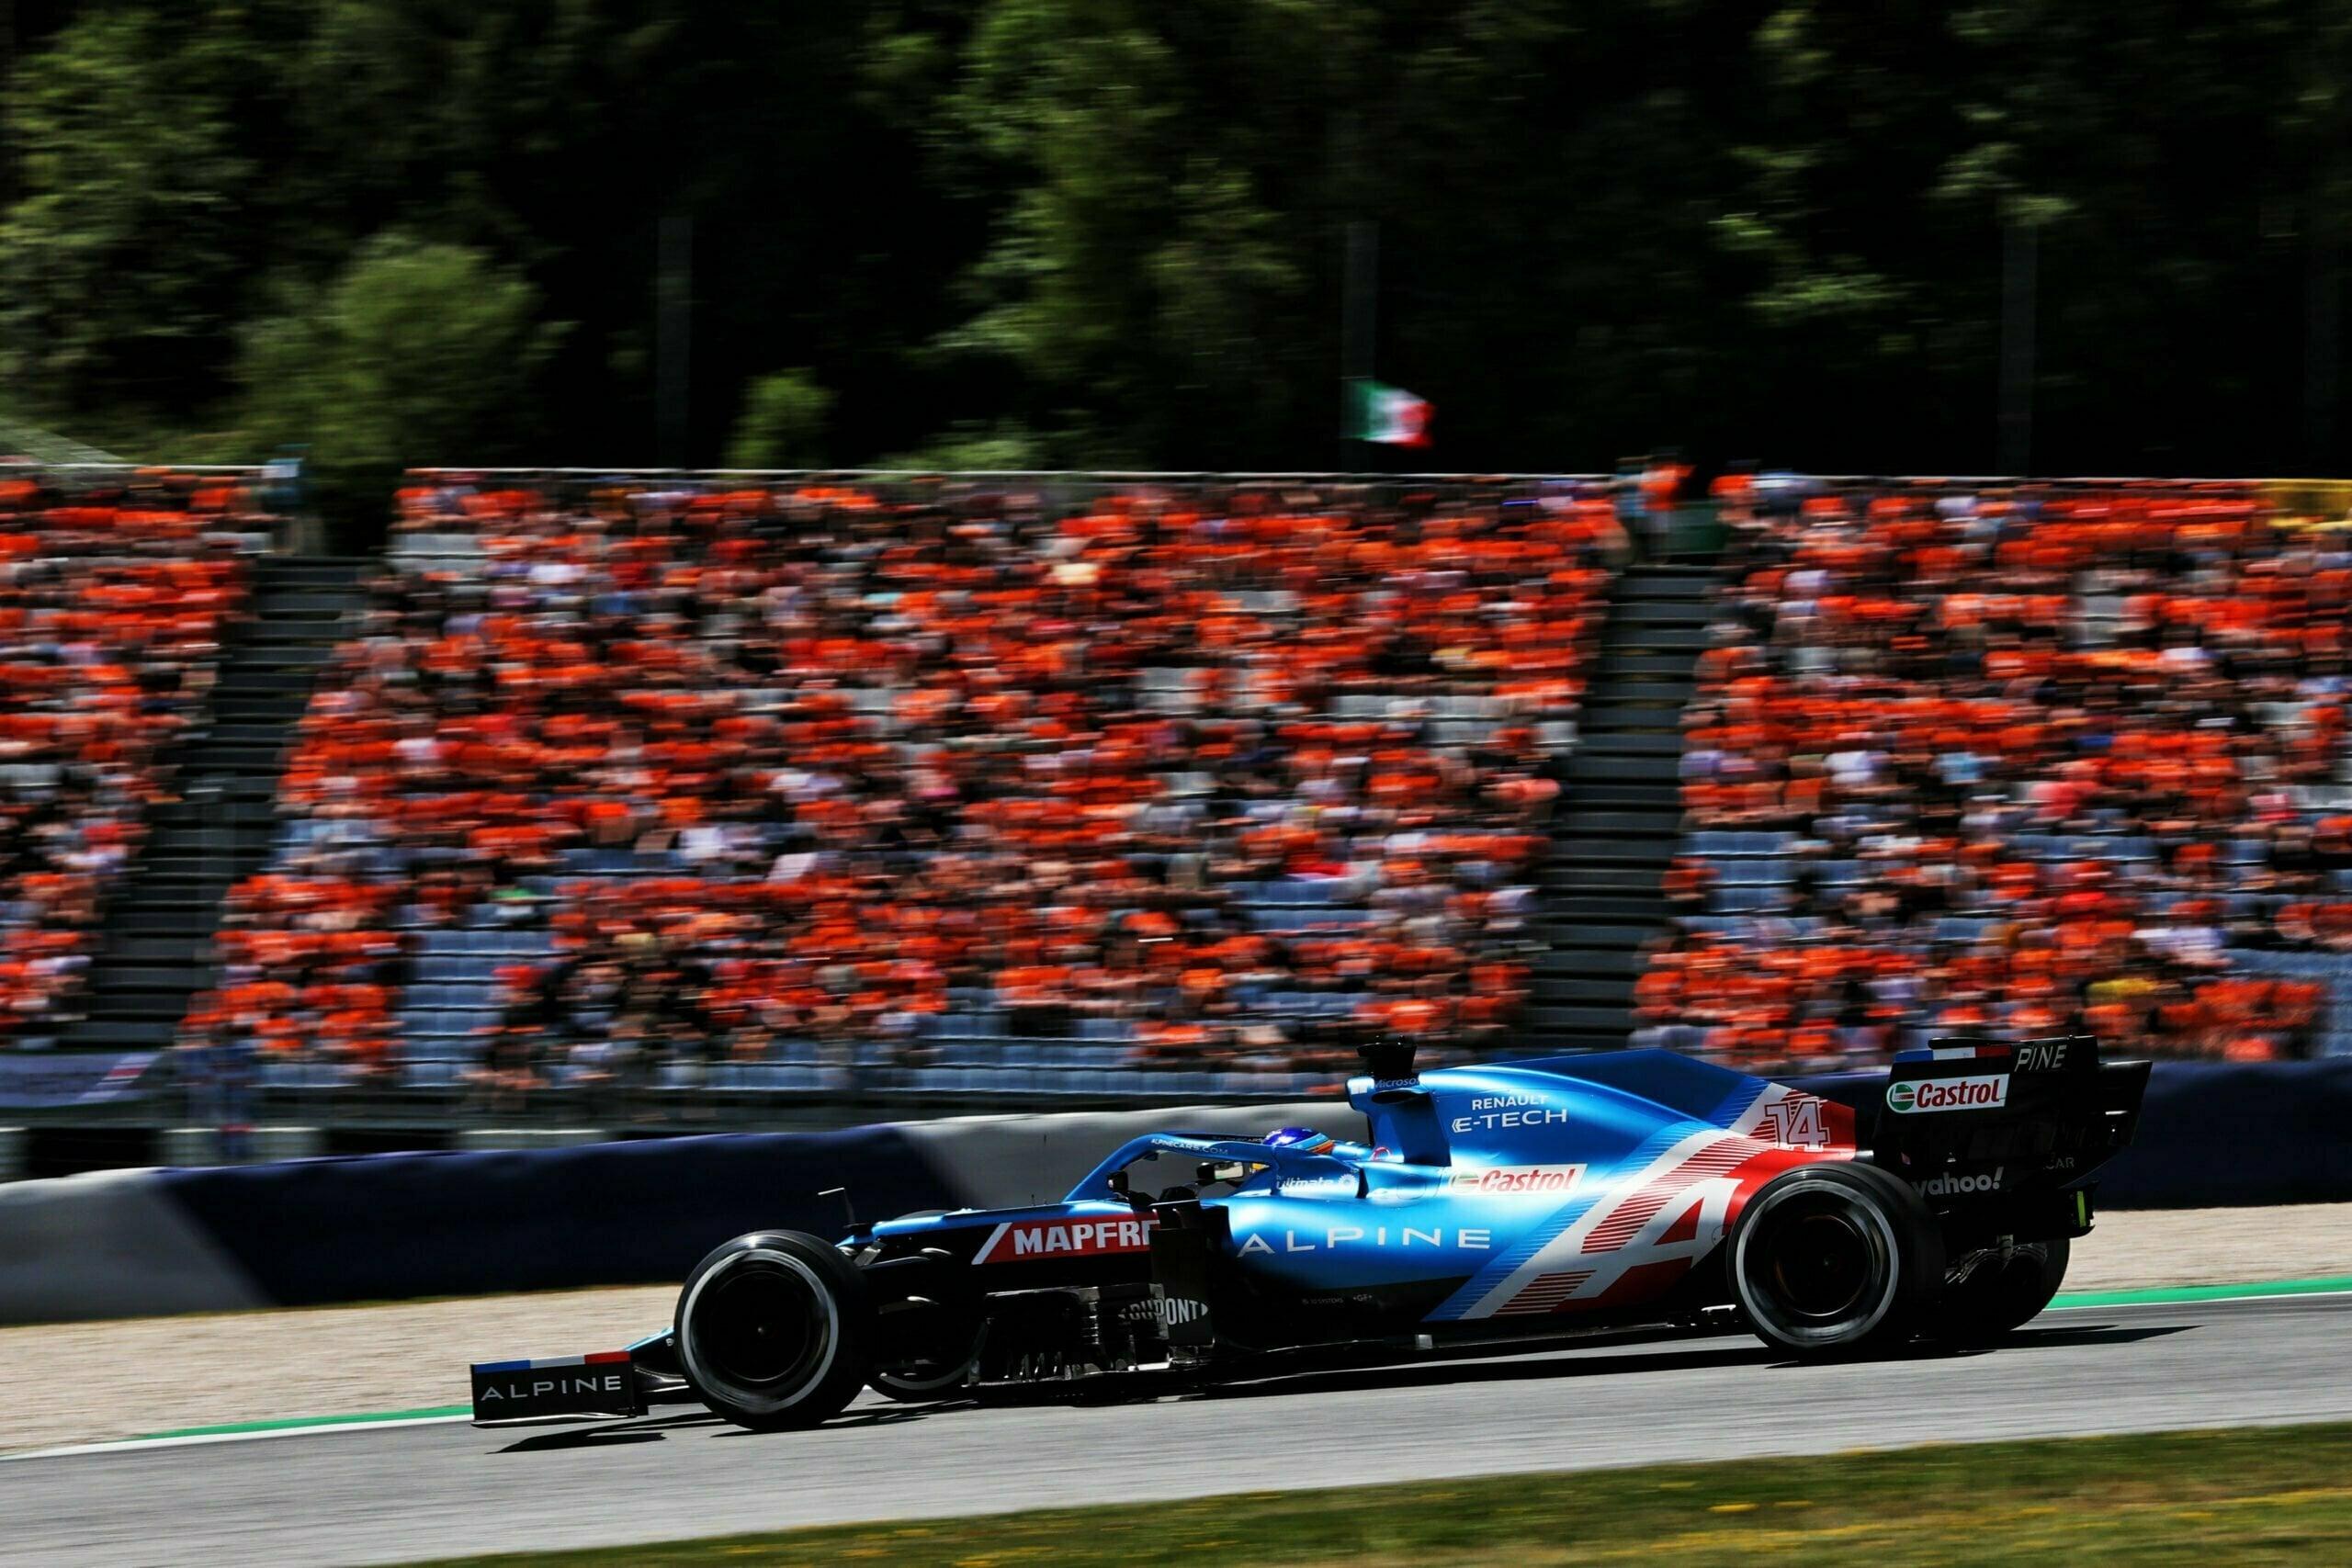 Alpine F1 Alonso Ocon A521 GP Autriche Spielberg 2021